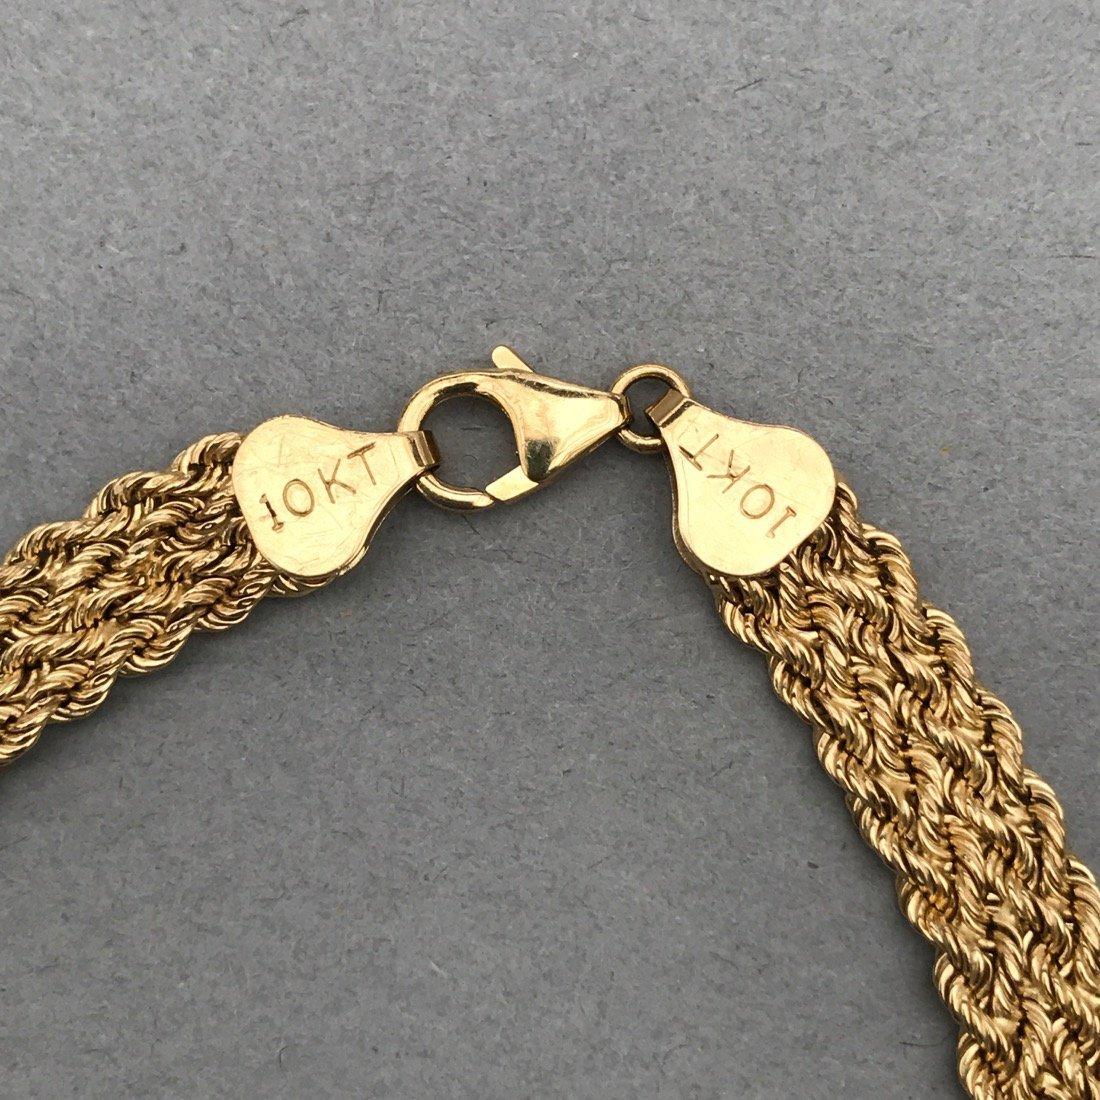 3 10K Gold Bracelets - 3